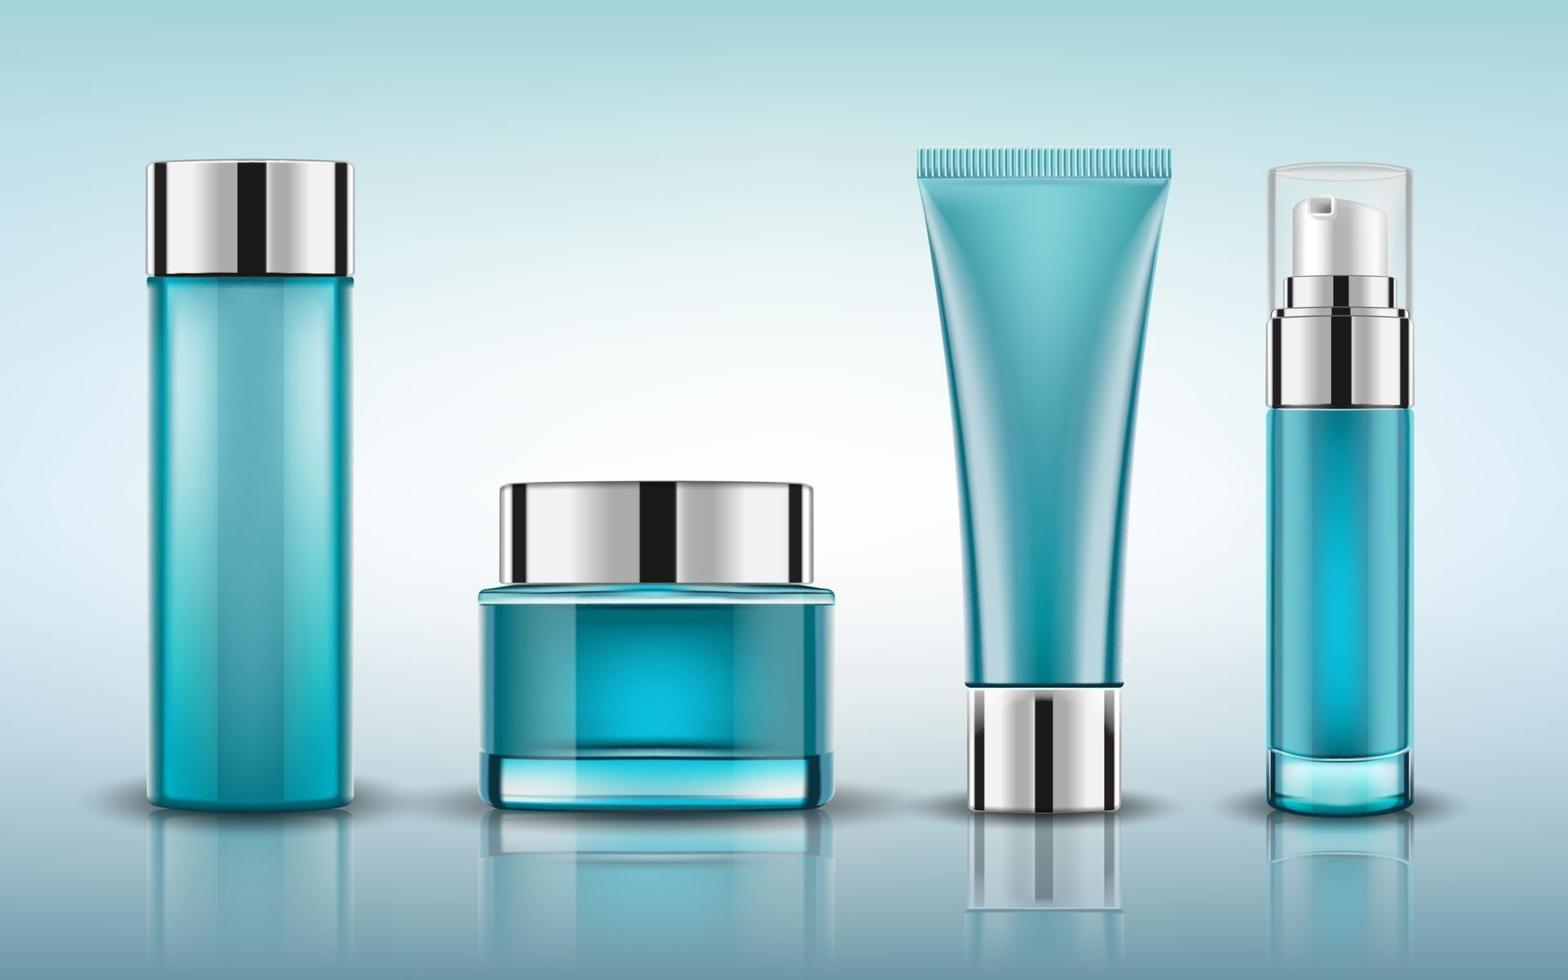 set di mockup di packaging di flaconi per la cosmetica blu, pronto per il tuo design, illustrazione vettoriale